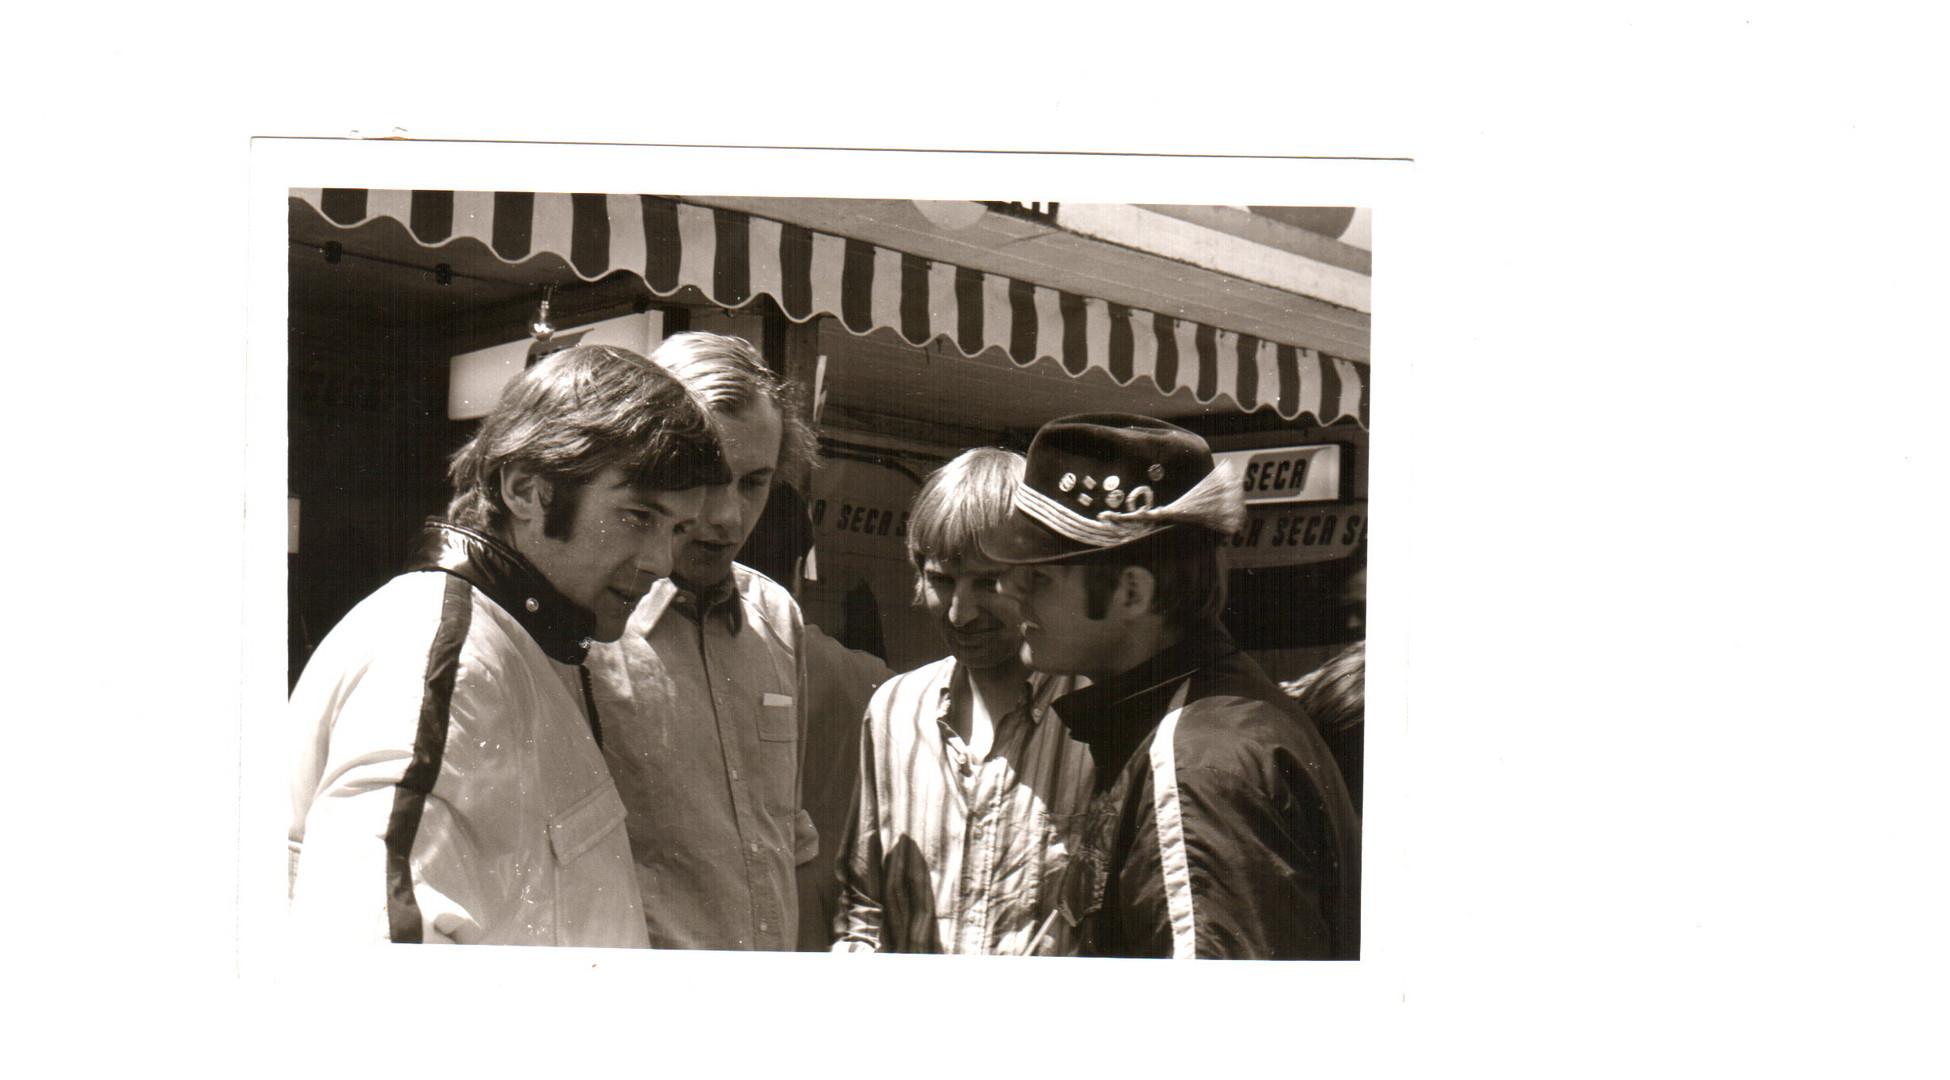 Stuck, Schickentanz und Heyer, SPA 24h 1971